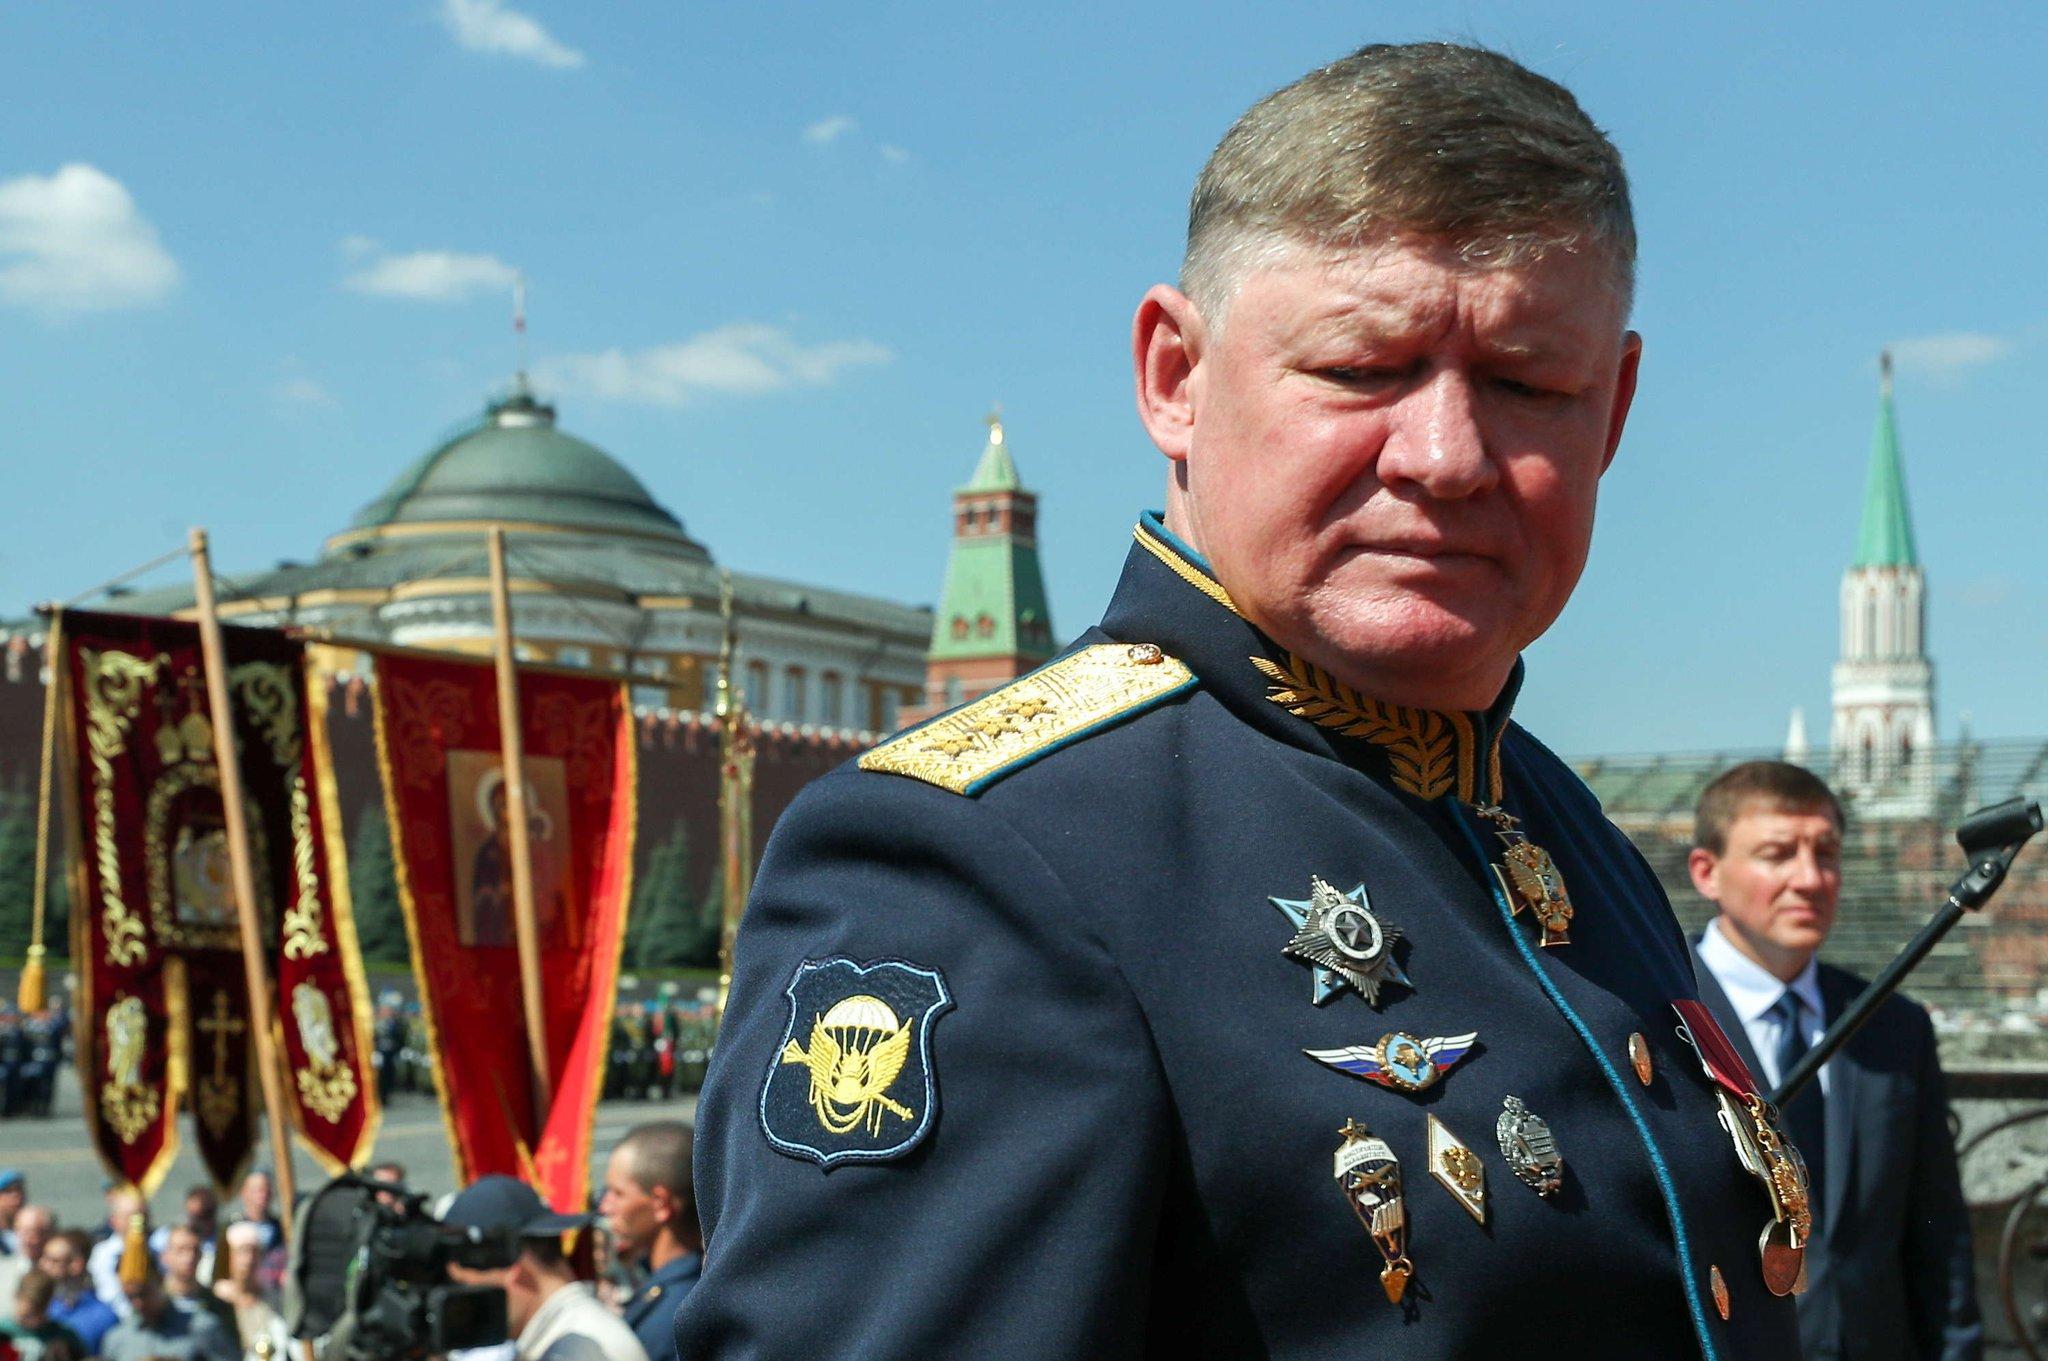 генерал лейтенант андрей сердюков фото как залезешь